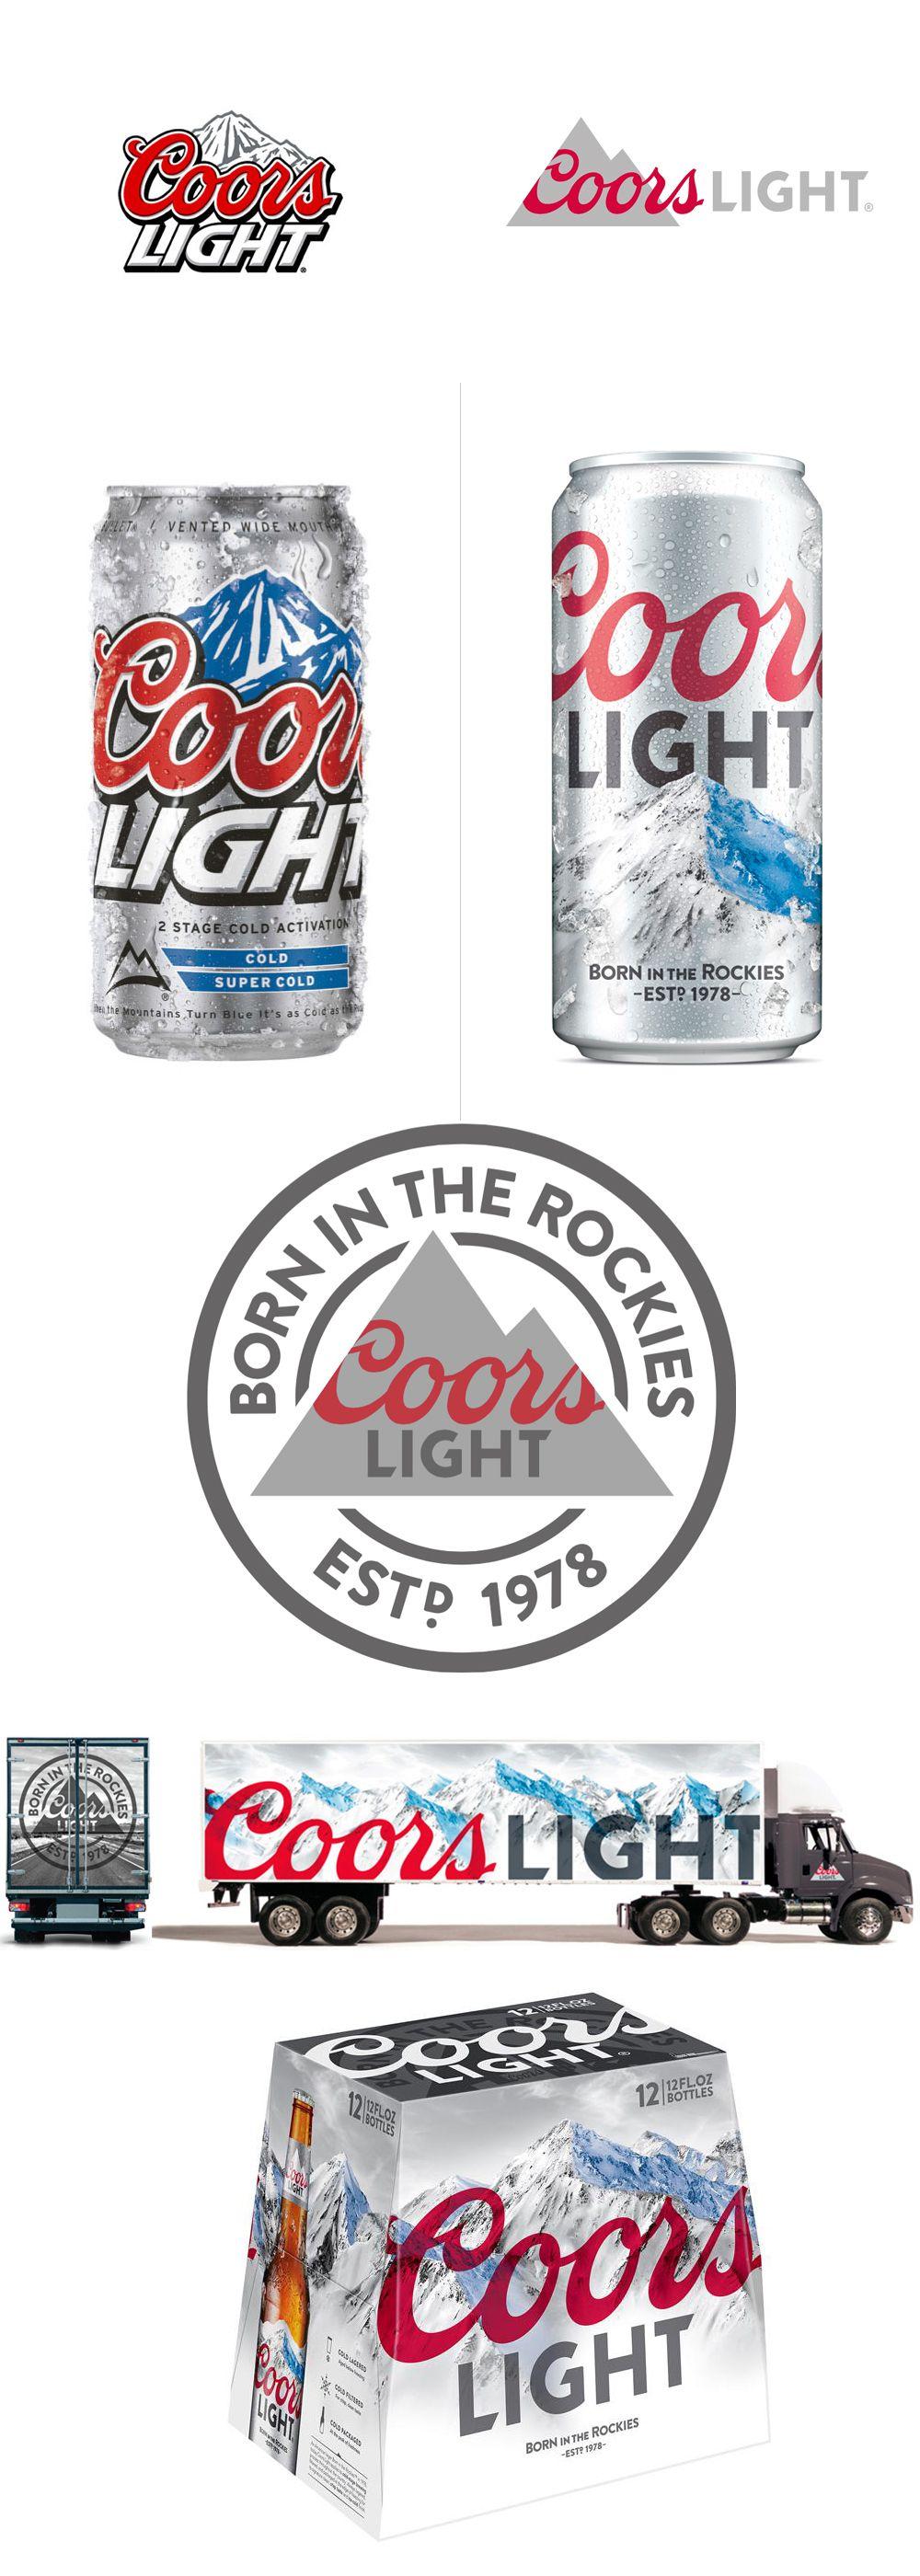 Coors Light branding | Coors light beer can, Beer, Branding